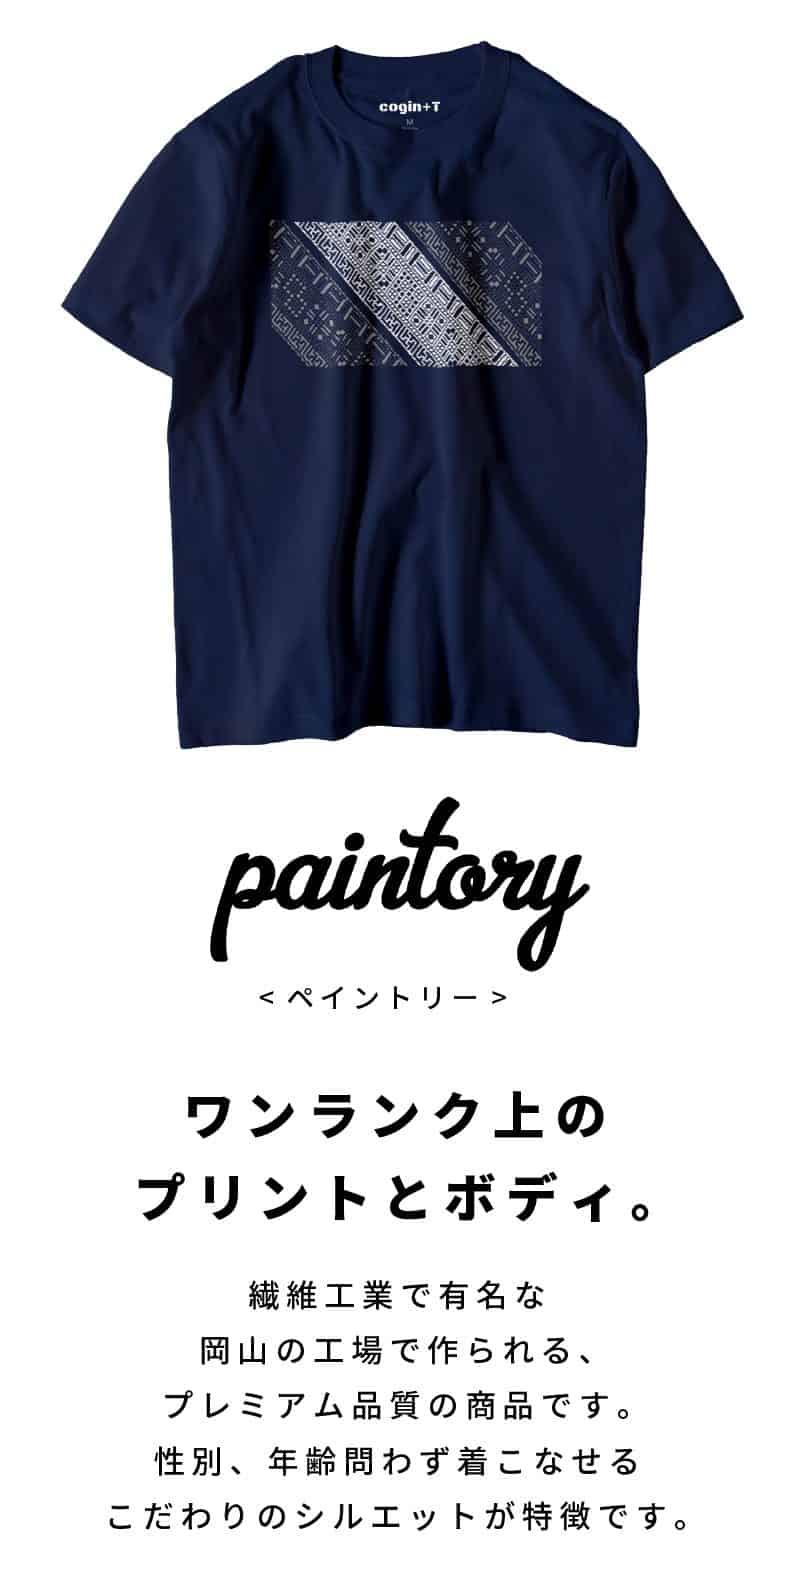 paintory(ペイントリー) ワンランク上のプリントとボディ。繊維工業で有名な岡山の工場で作られる、プレミアム品質の商品です。性別、年齢問わず着こなせるこだわりのシルエットが特徴です。